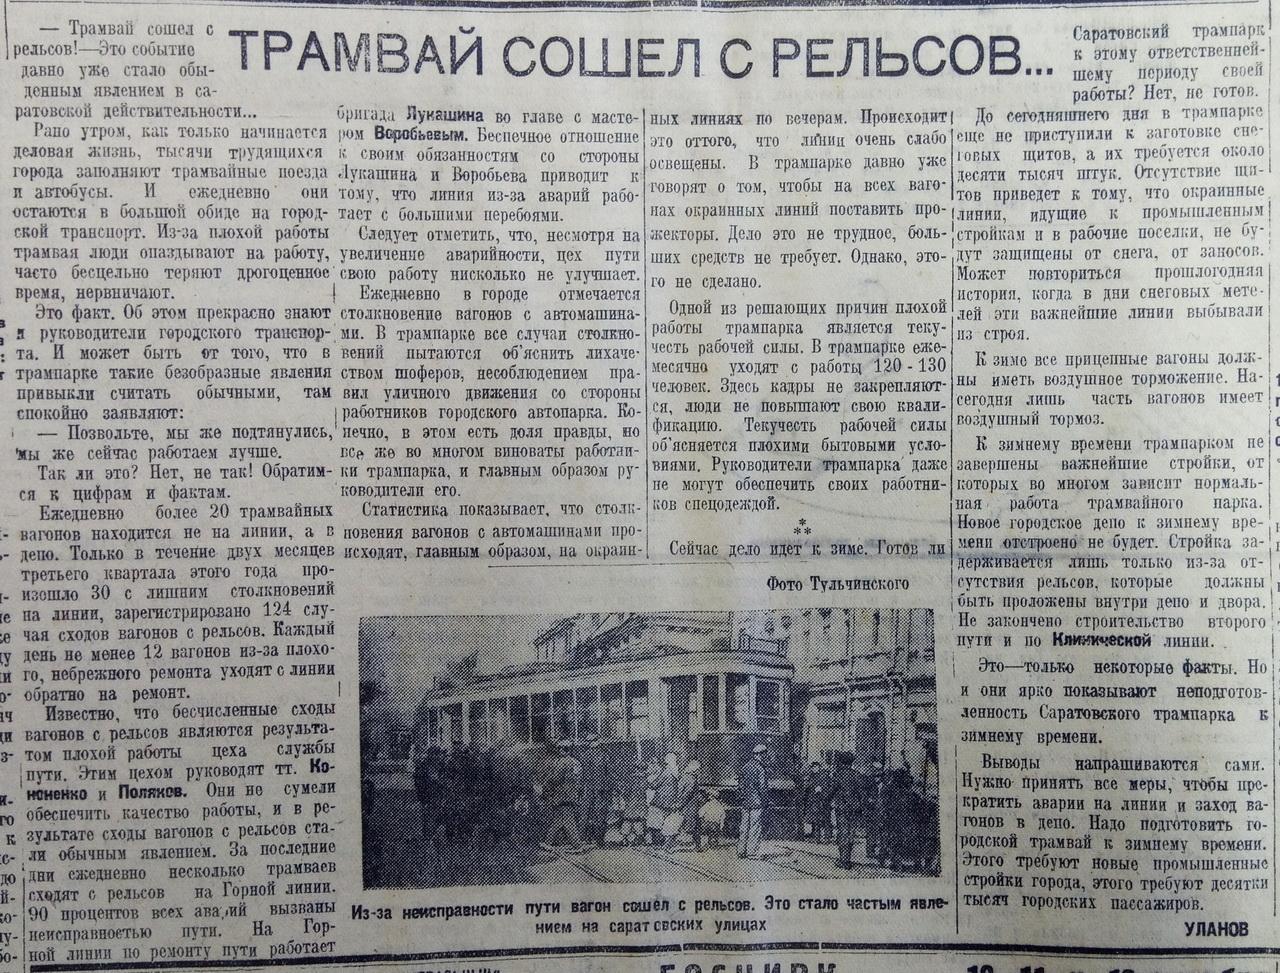 1935-трамвай сошел с рельсов.jpg